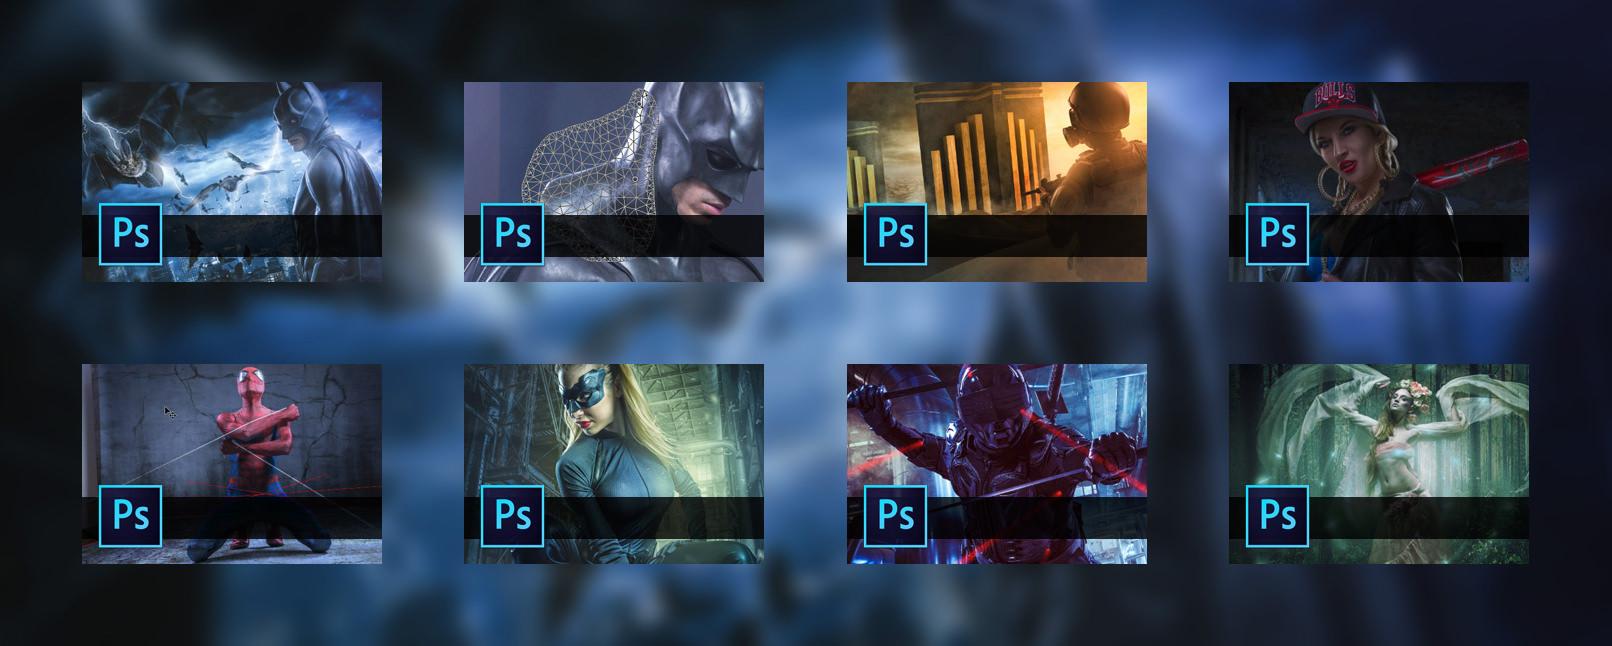 Erlebe das Superhelden Bildcomposing in Schritt-für-Schritt-Anleitungen für Photoshop und blicke abschließend stolz auf dein eigenes Batman Artwork!